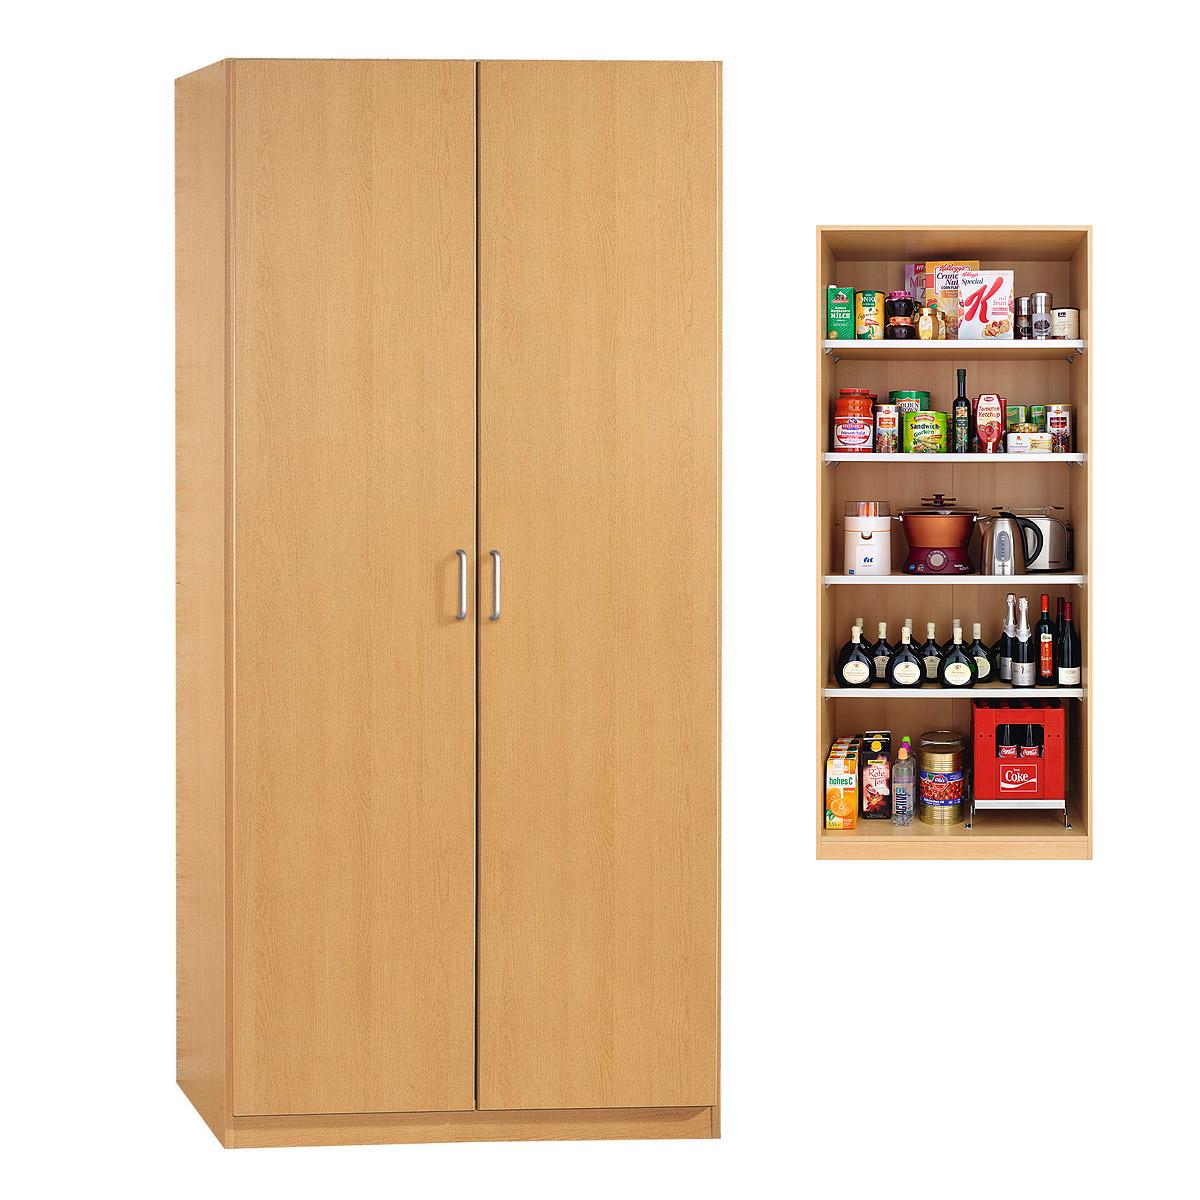 vorratsschrank prima 4you kleiderschrank schrank garderobe buche hell ebay. Black Bedroom Furniture Sets. Home Design Ideas